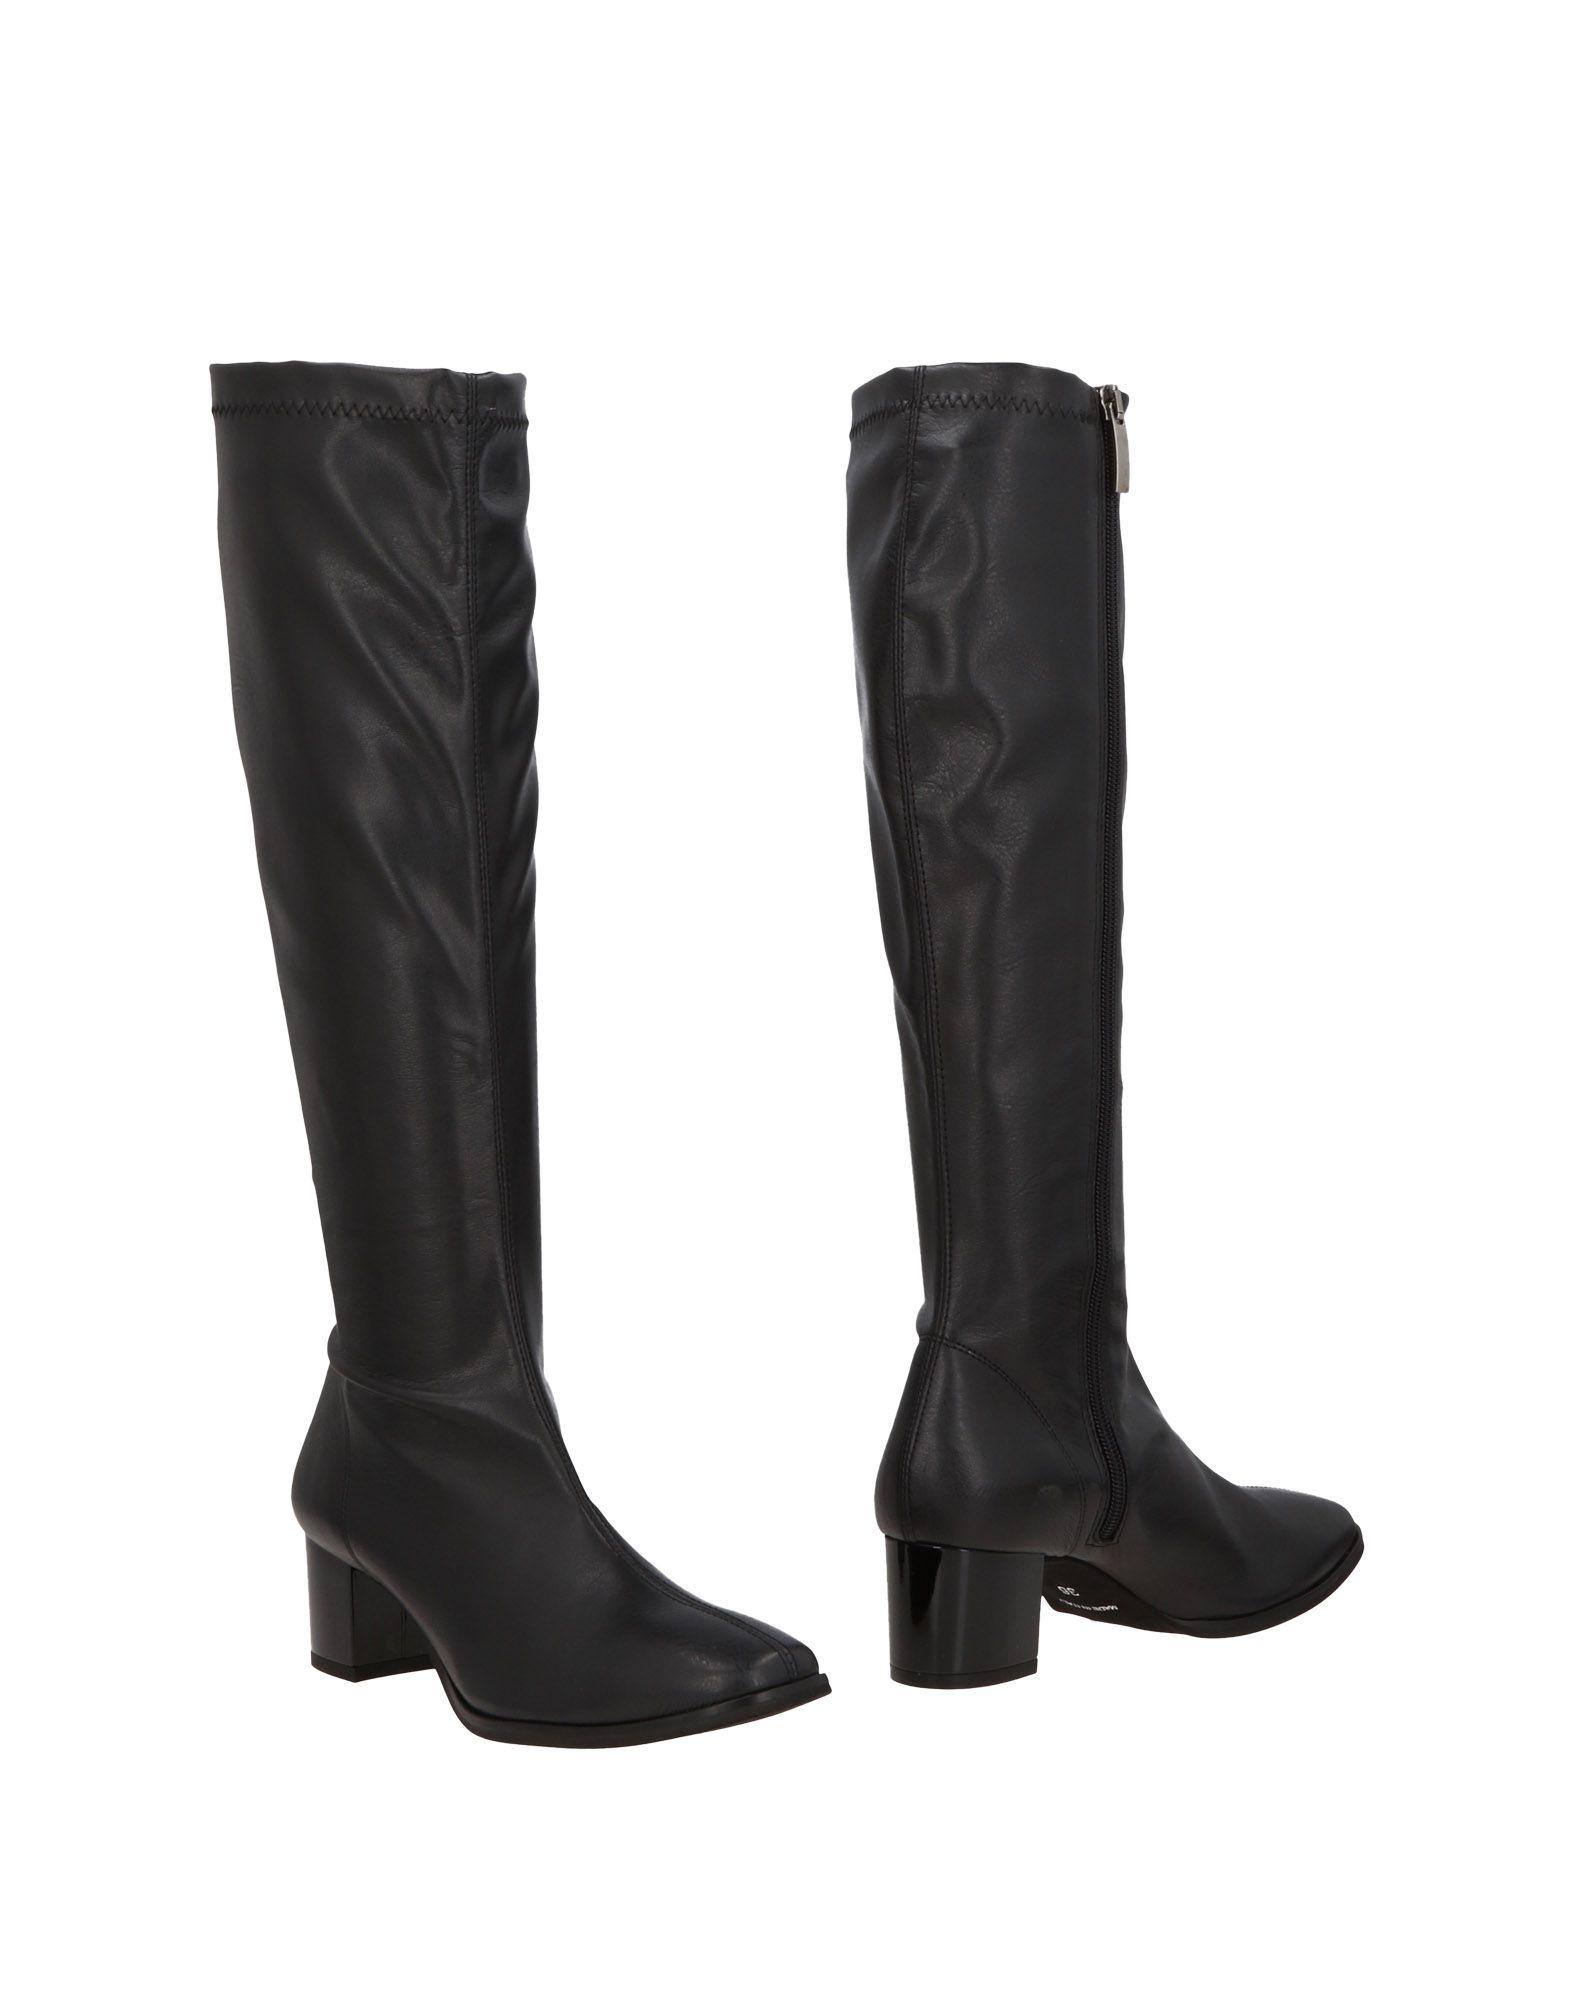 Nr Rapisardi Stiefel Damen  11472991IM Gute Qualität beliebte Schuhe